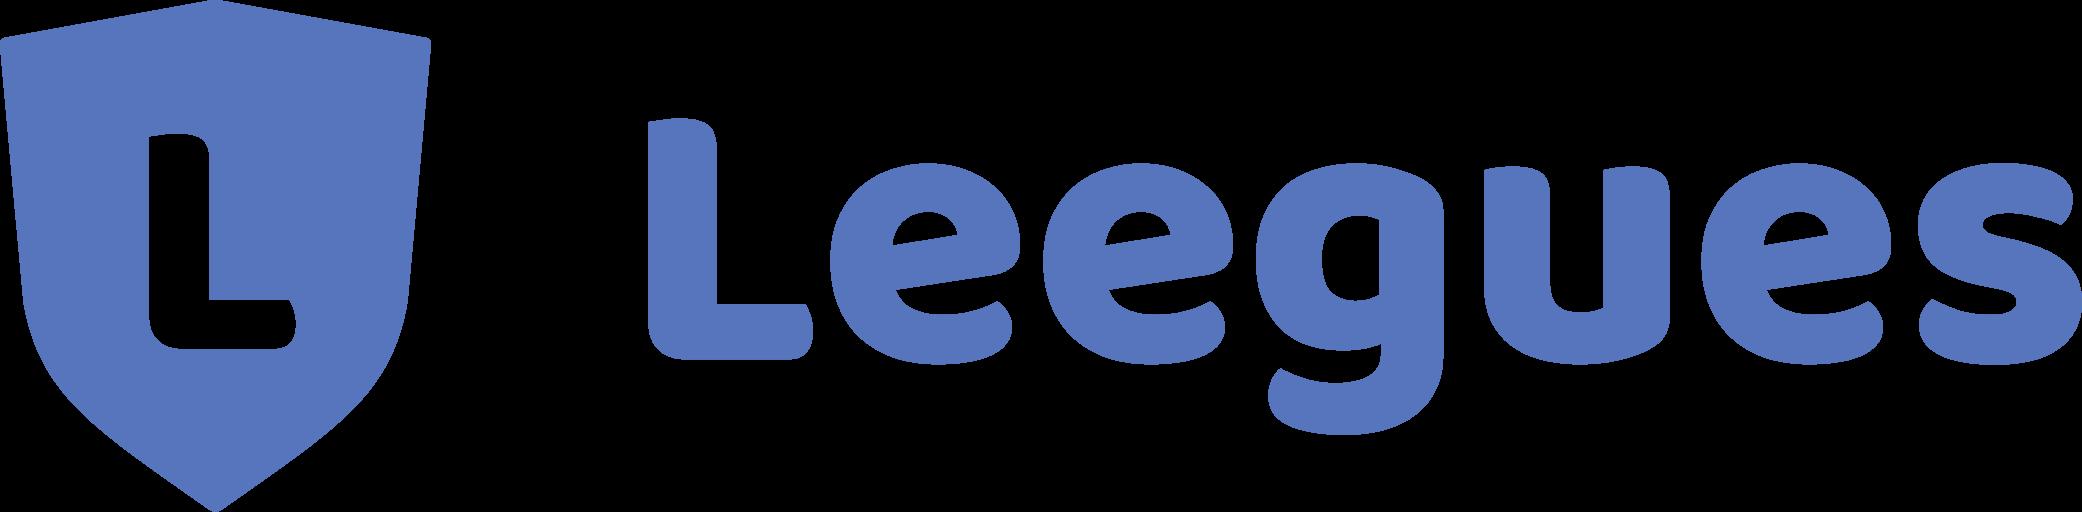 Leegues